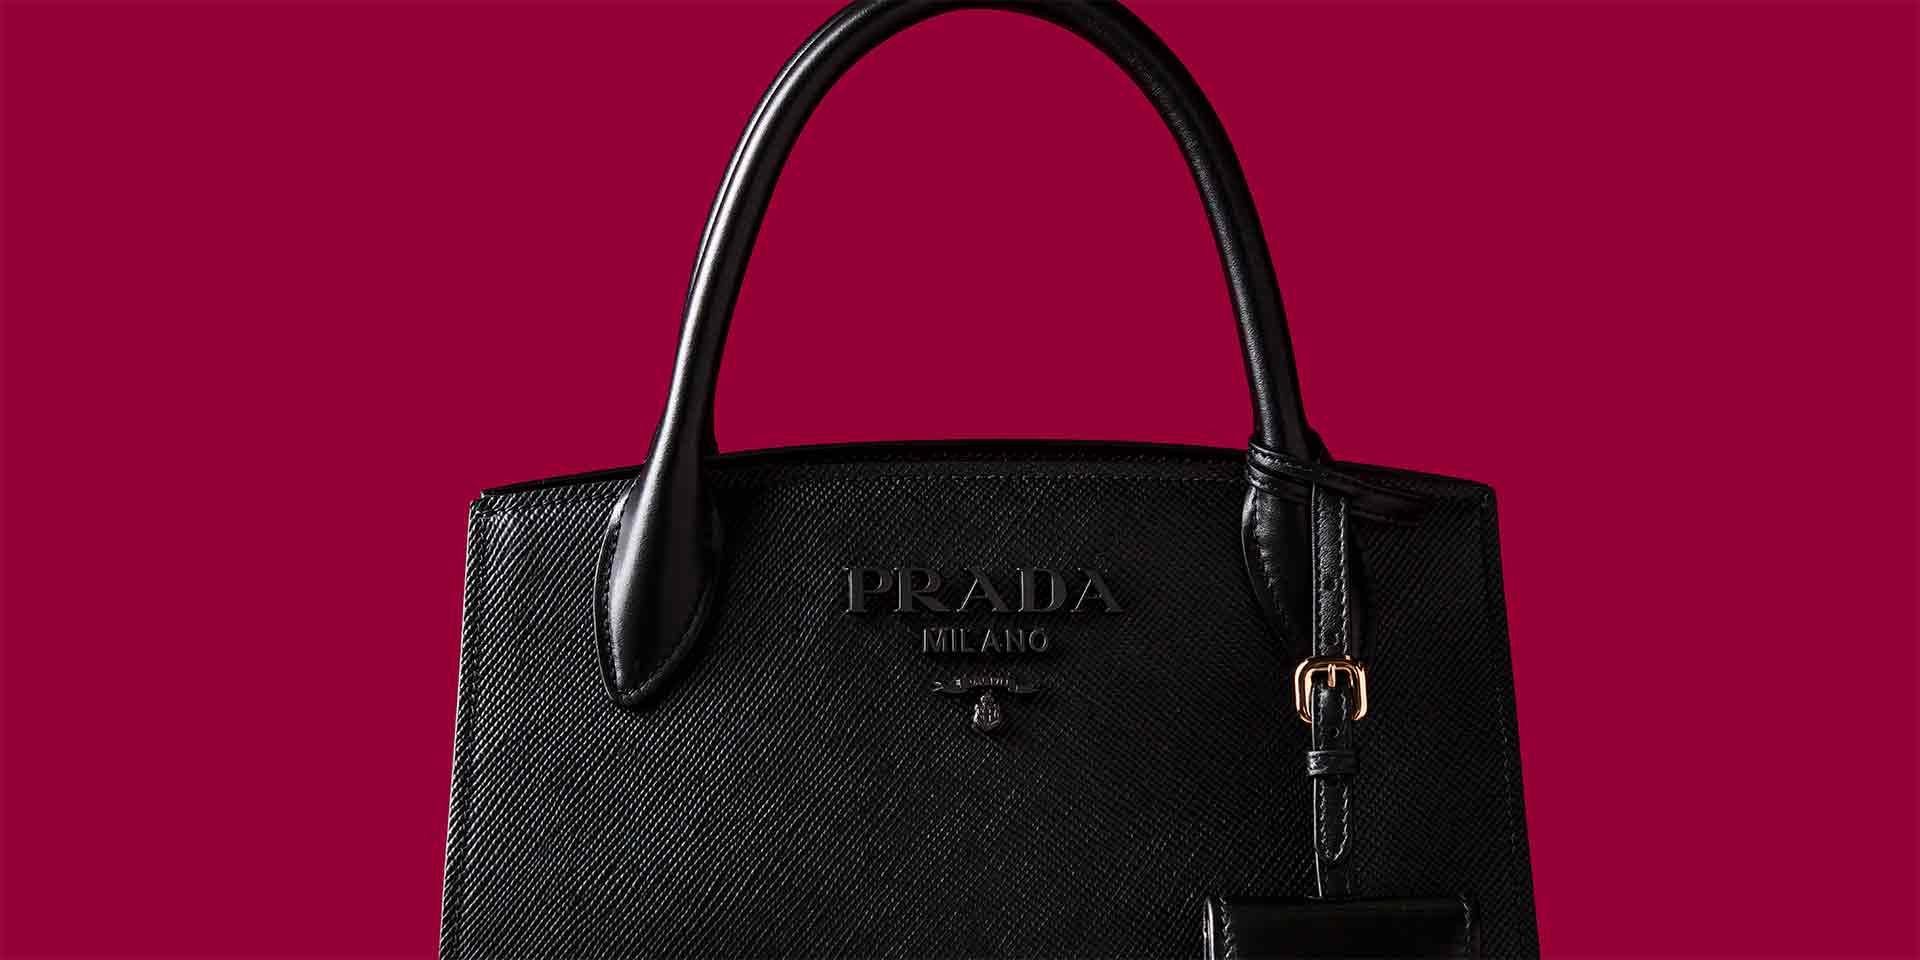 ウェブサイト(WEB)用、バッグ&小物商品撮影の写真です。クライアントはAMAZING CIRCUSです。(8o-101)